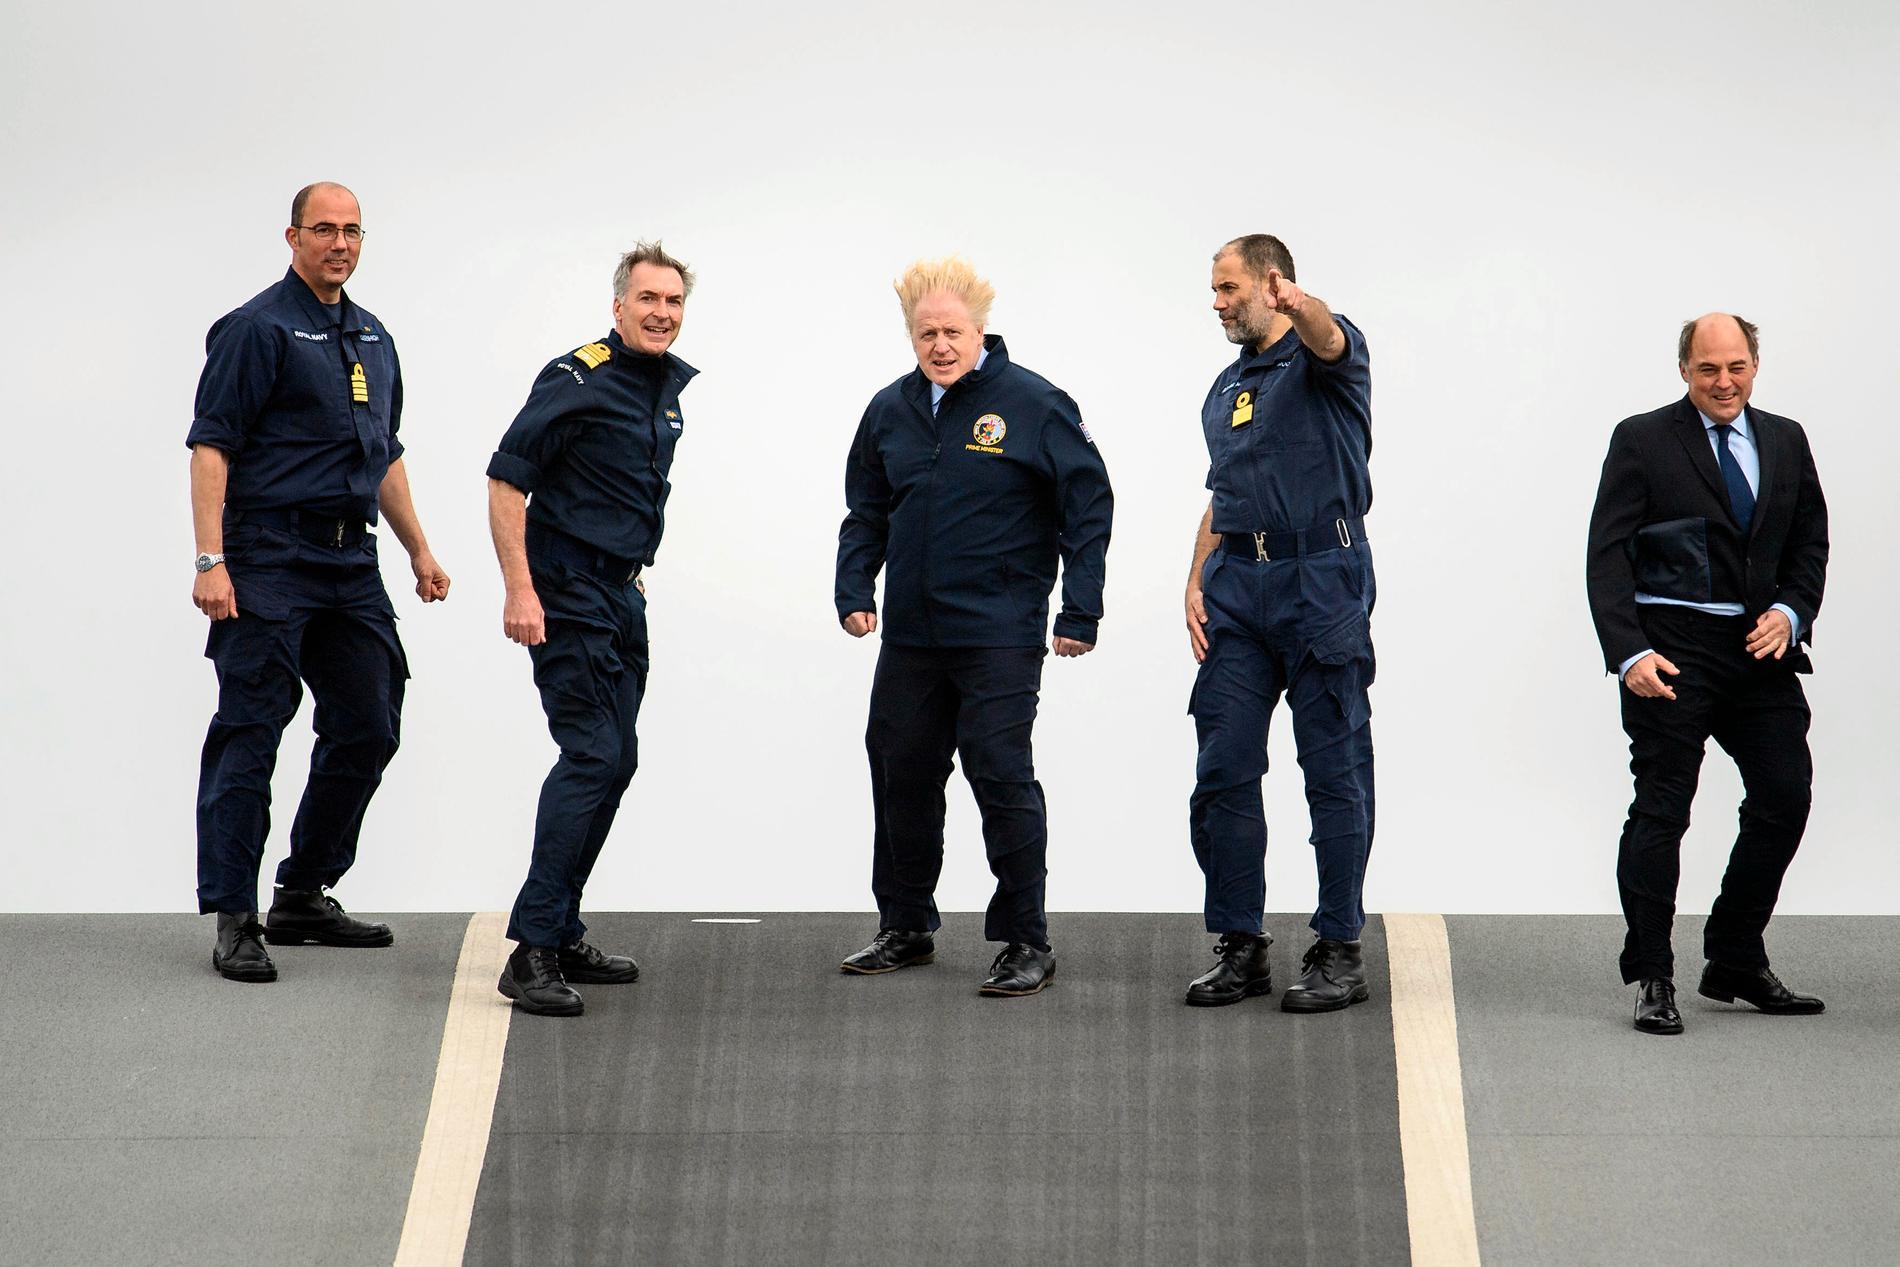 Från vänster: Kapten Angus Essenhigh, amiralenTony Radakin, premiärminister Boris Johnson, kommendören Steve Moorhouse och försvarsminister Ben Wallace.